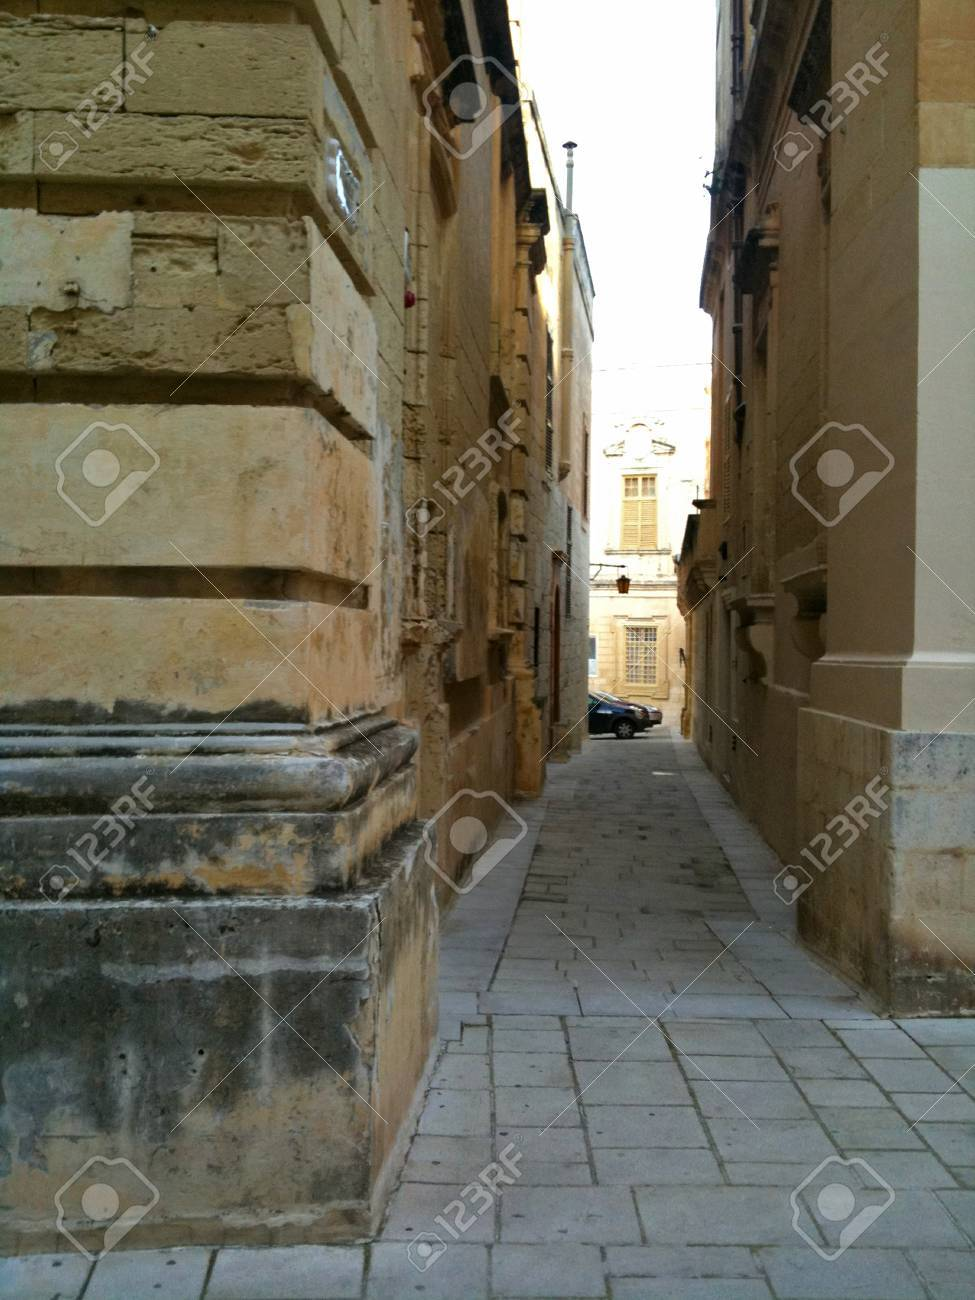 Narrow walkway in the cities of Malta - 34392741